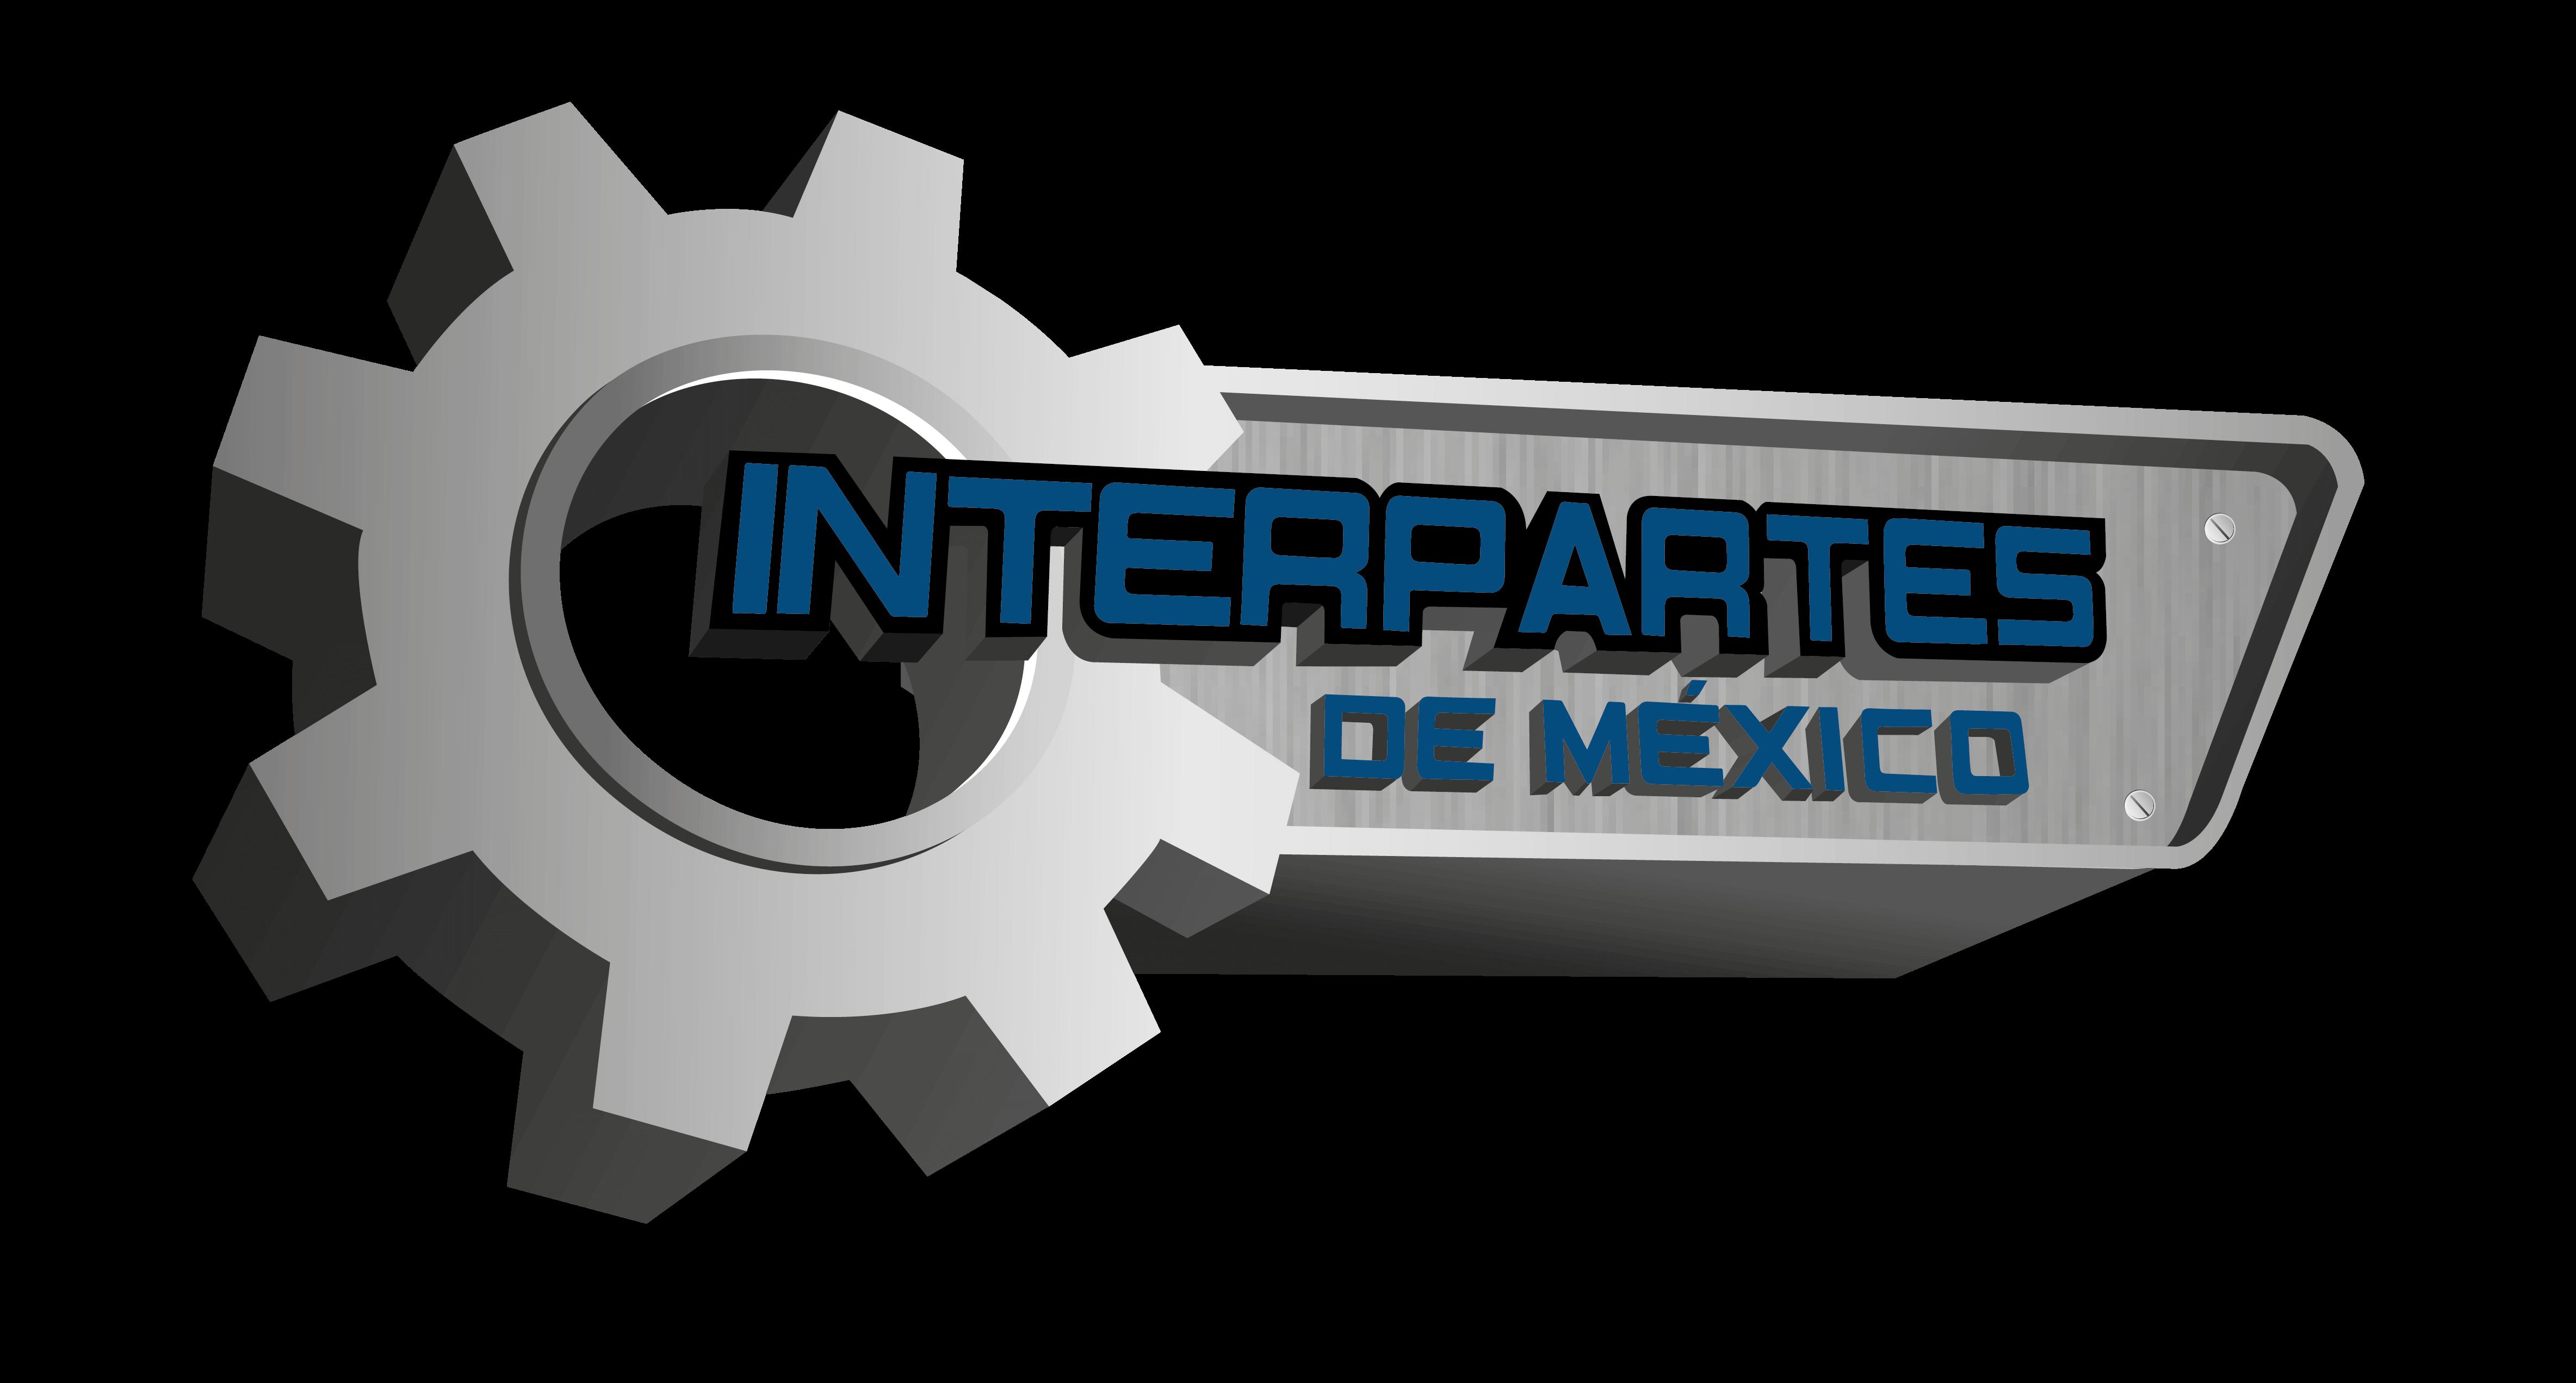 Interpartes de México